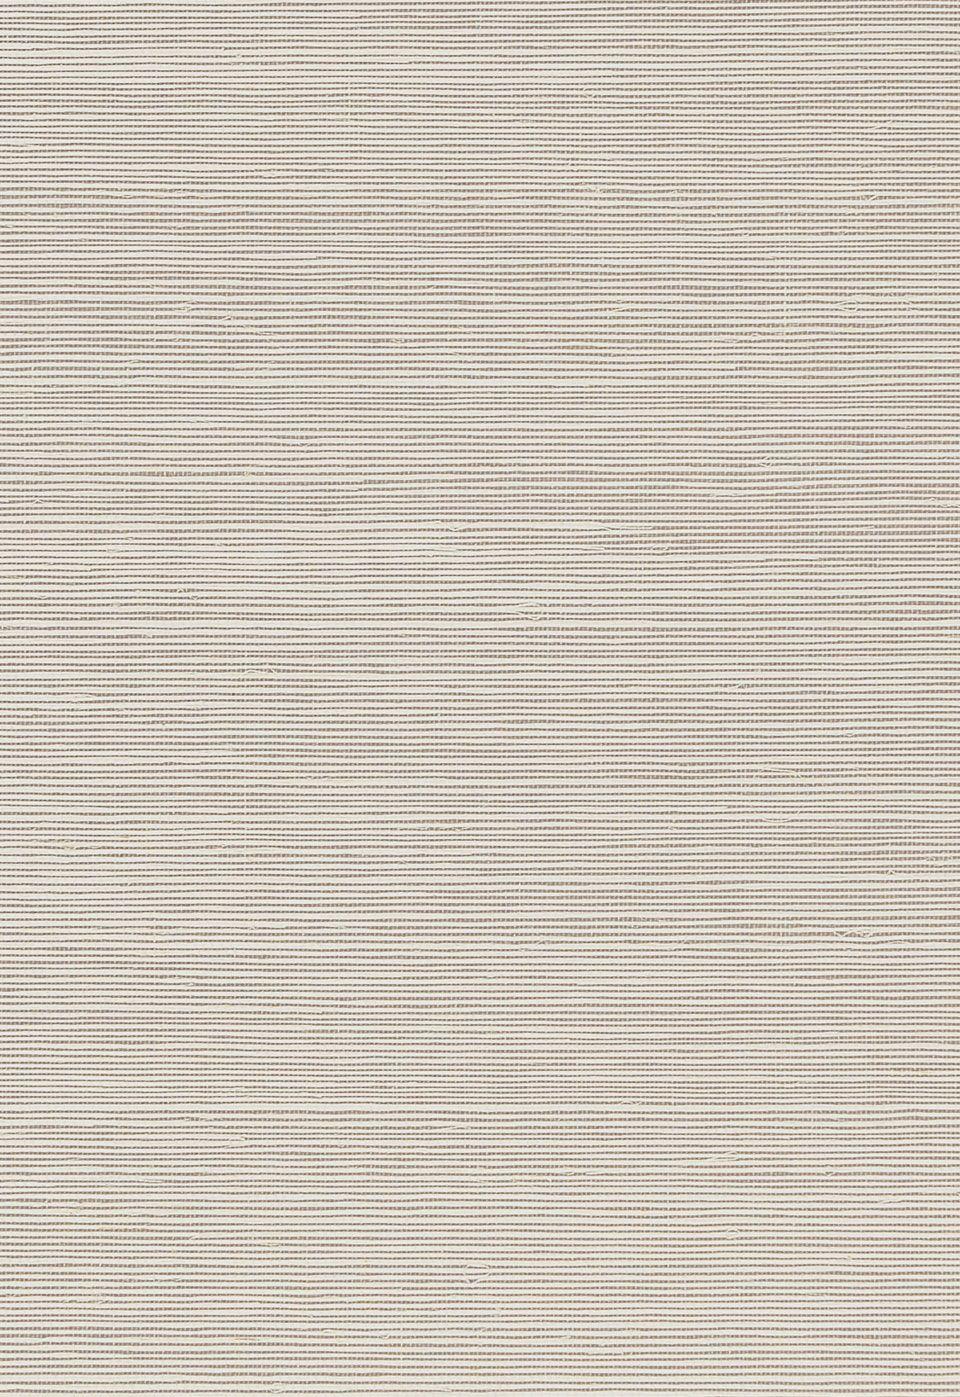 Haruki Sisal Textured Wallpaper Material Textures Schumacher Wallpaper